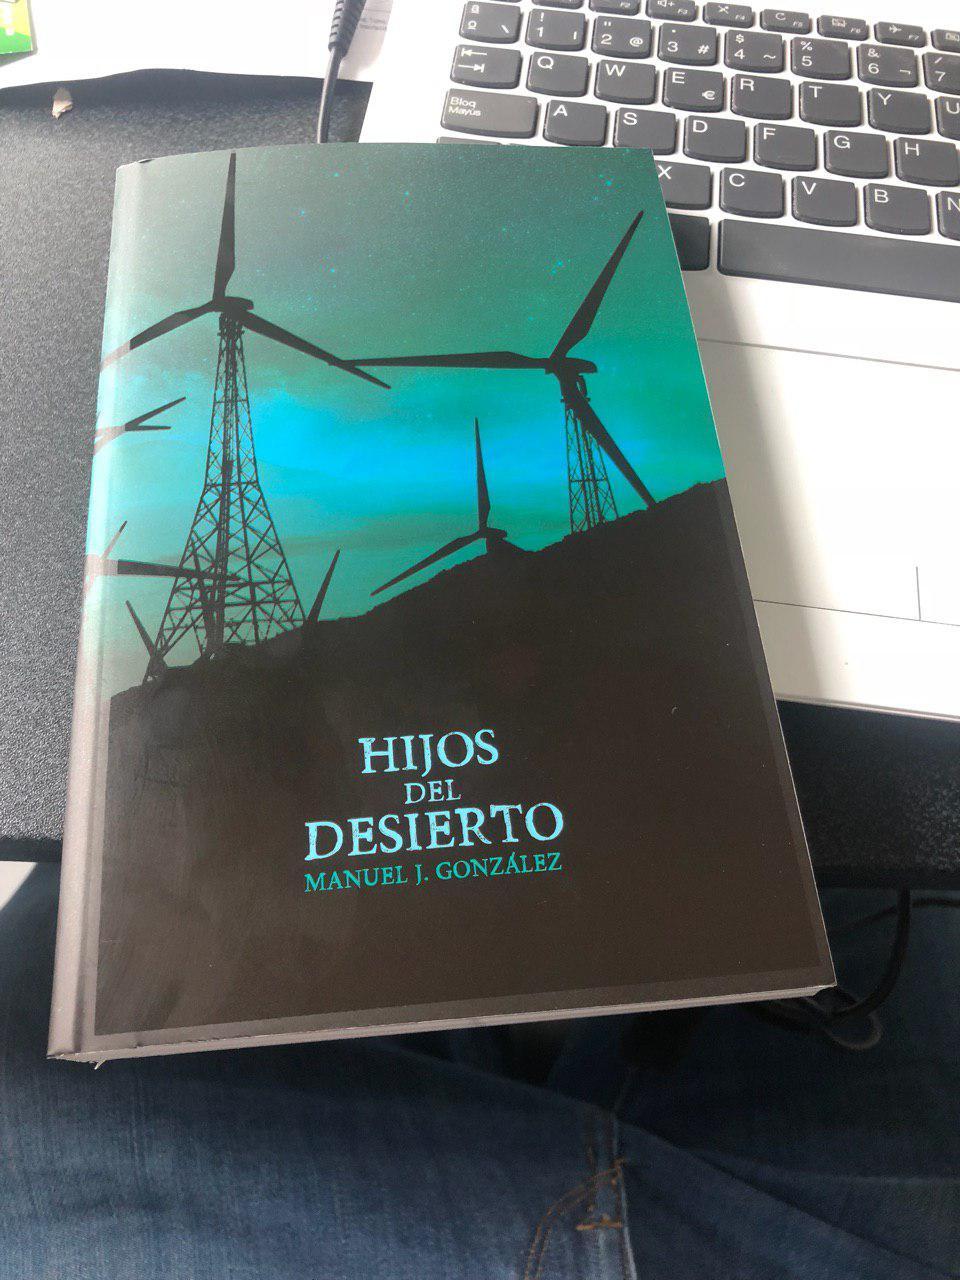 Hijos del Desierto - La historia oral de Kyuss y la escena de Palm Springs [2ª Edición, Marzo 2019] - Página 5 Hank10